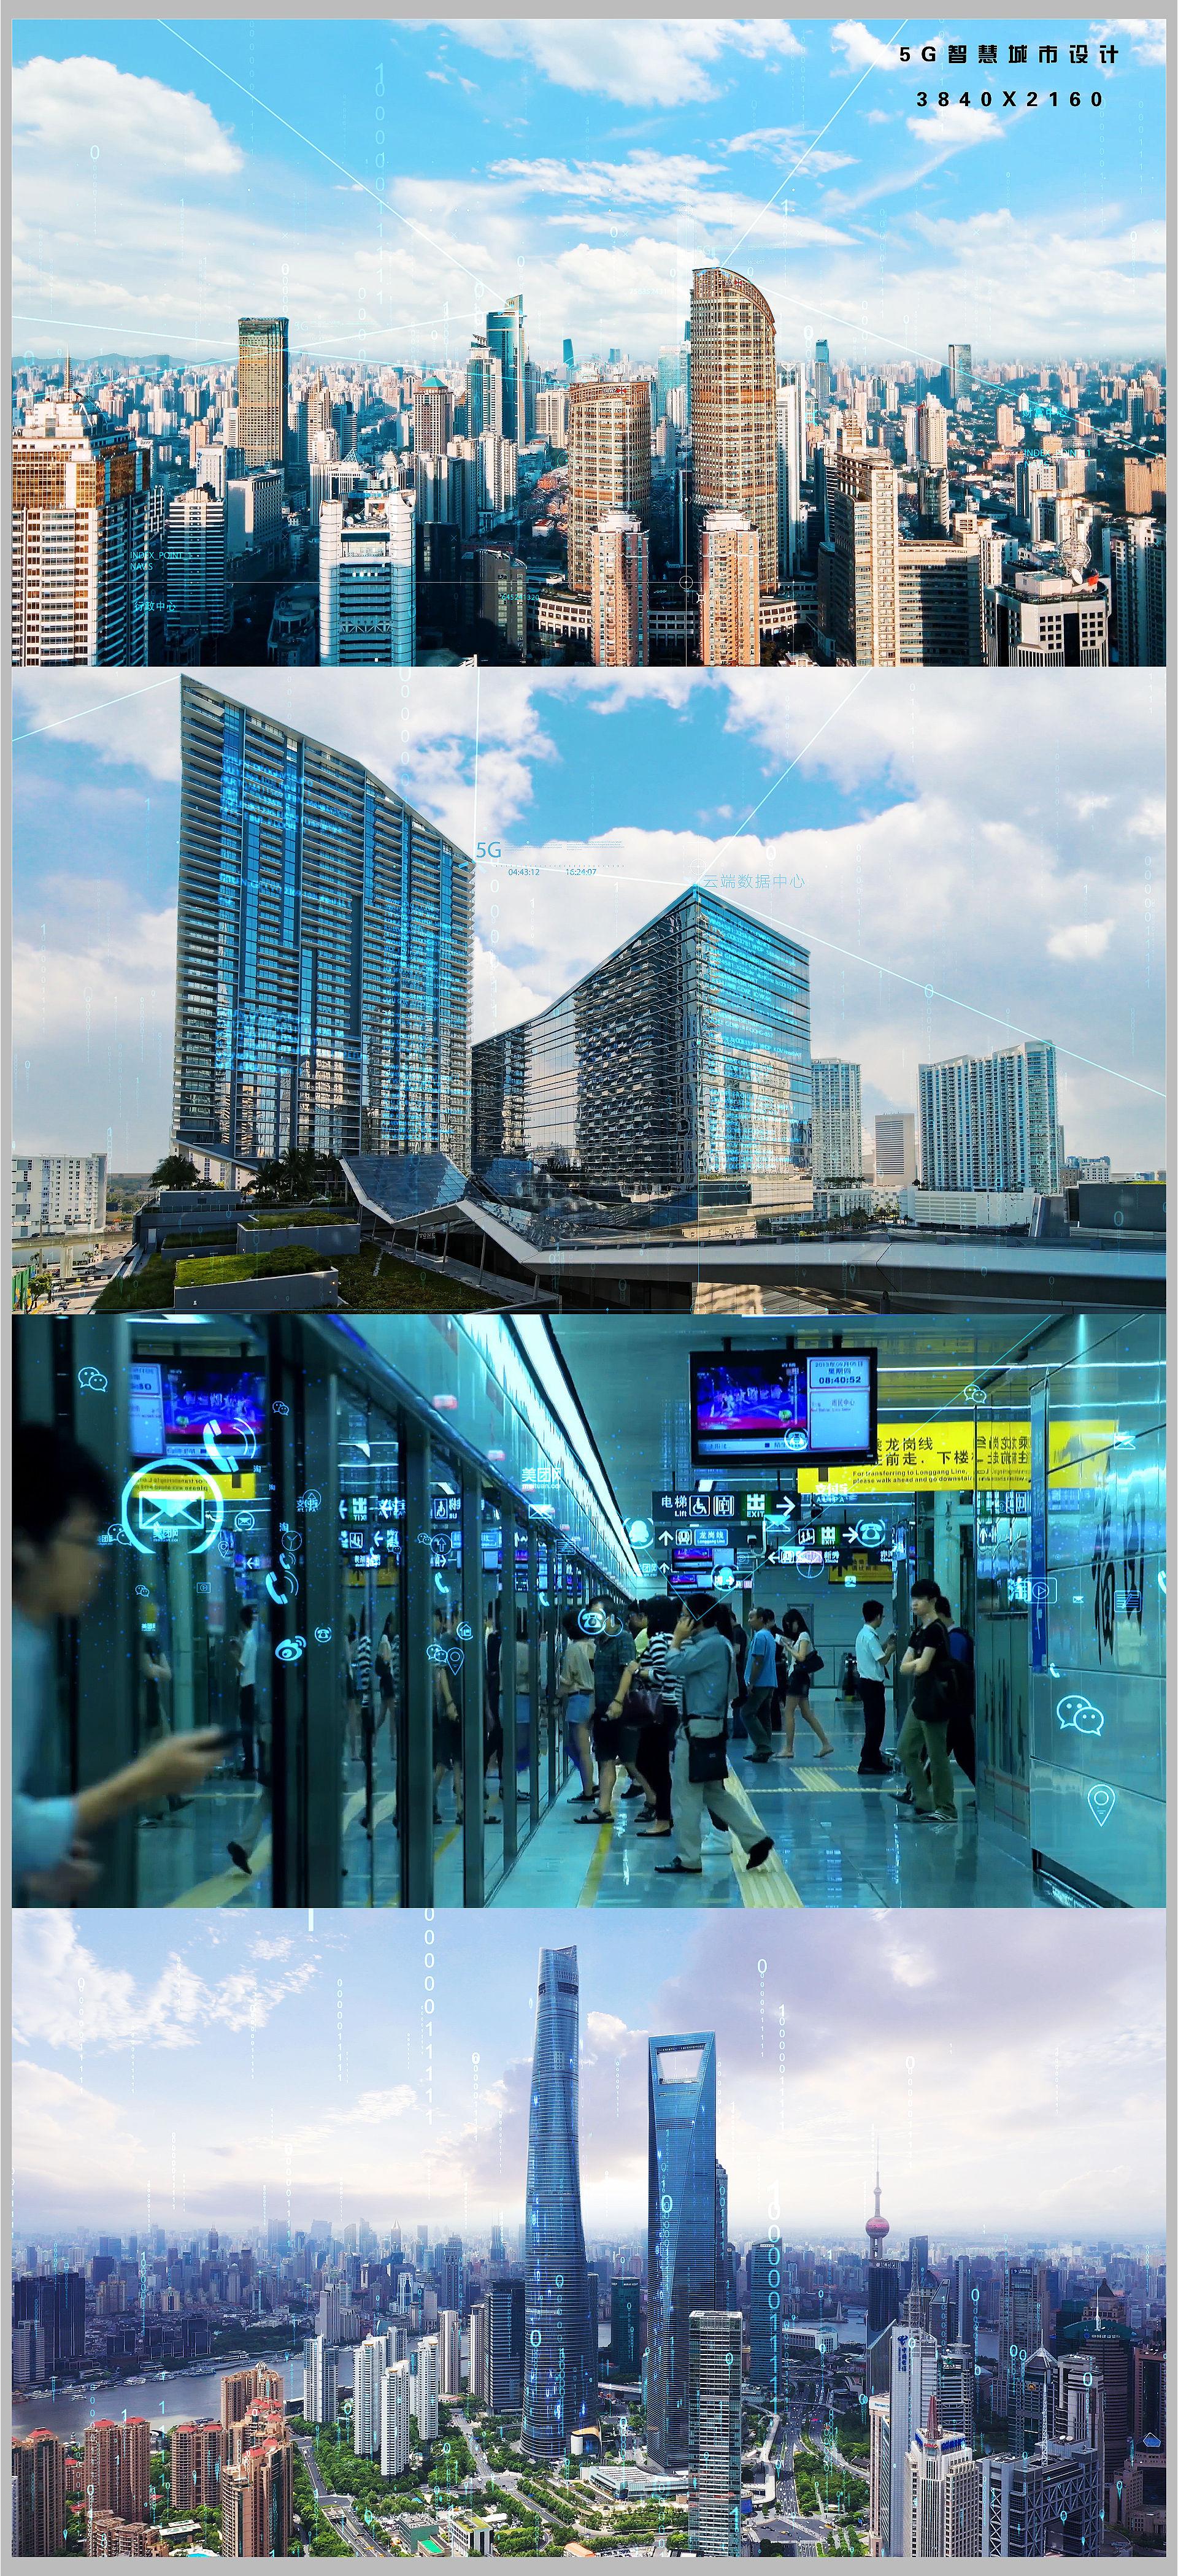 【原创】5G智慧城市